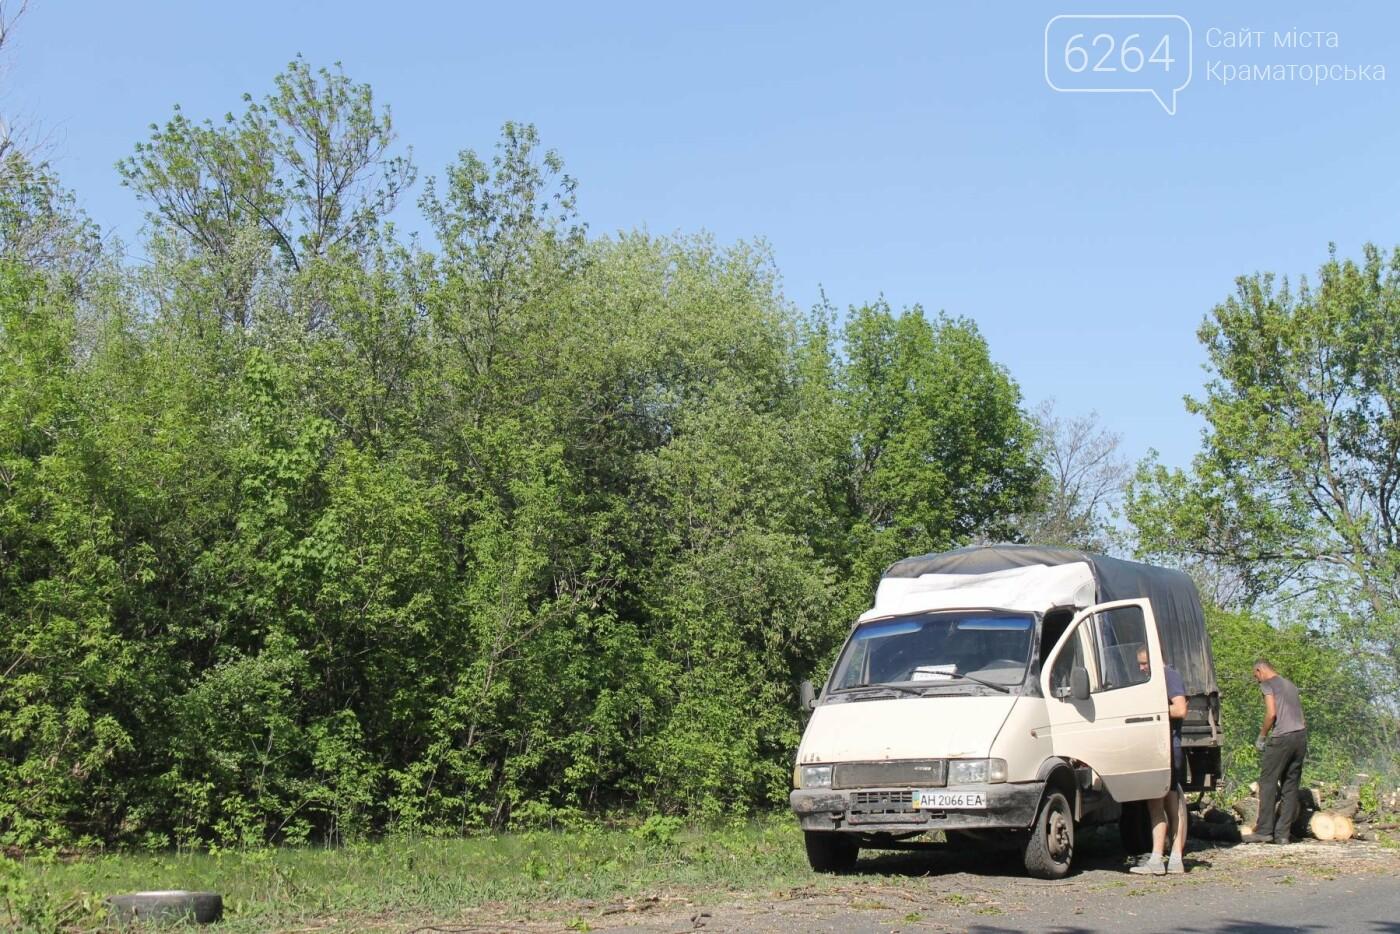 Опиловка близ Краматорска: непроглядный дым, вывоз отборного леса и скрытные «лесорубы», не знающие для кого и чего работают, фото-7